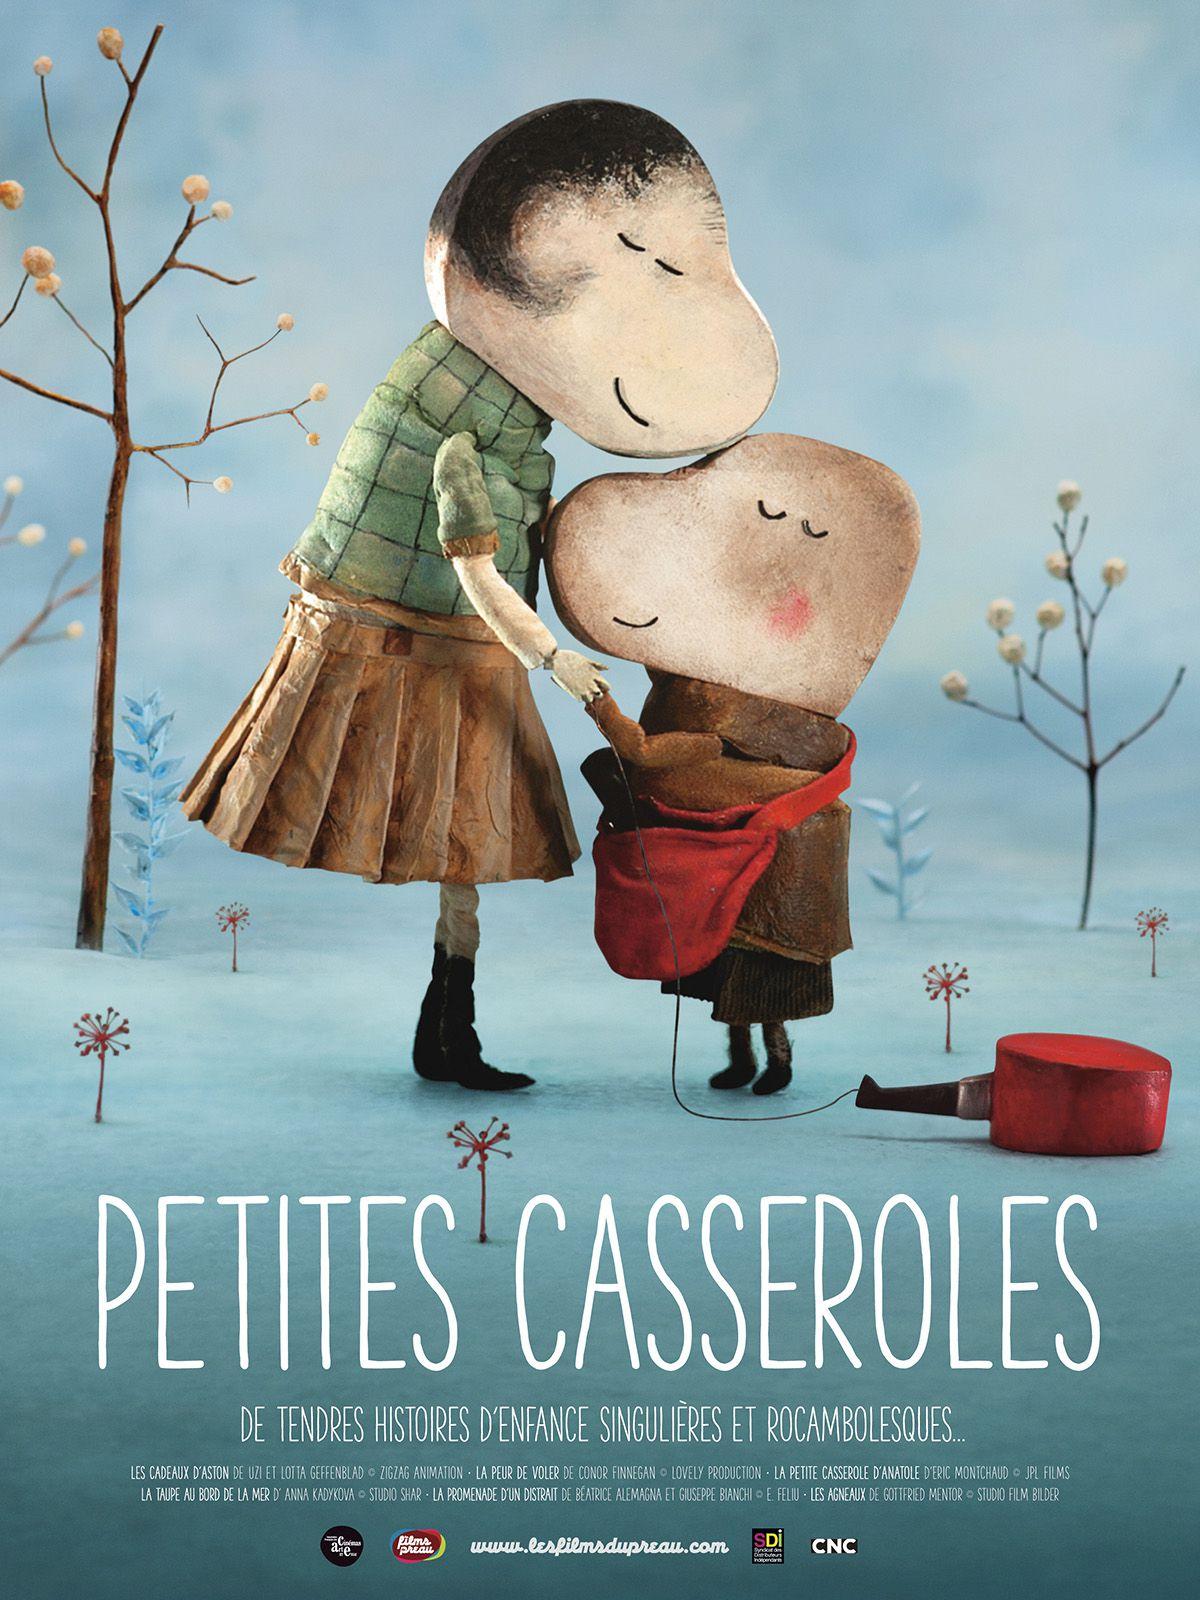 Petites casseroles - Long-métrage d'animation (2015)